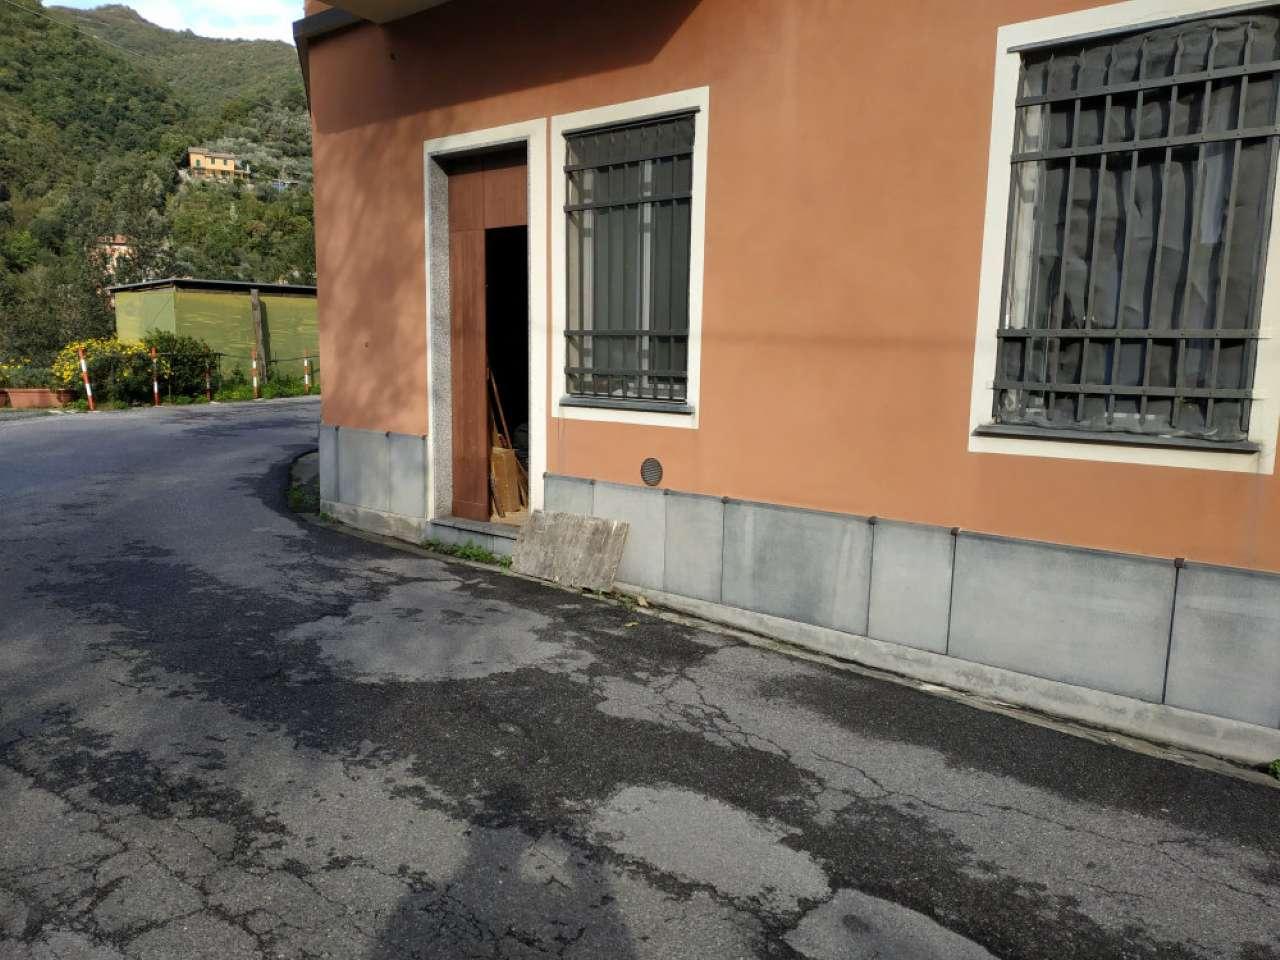 Sori Affitto MAGAZZINO Immagine 0